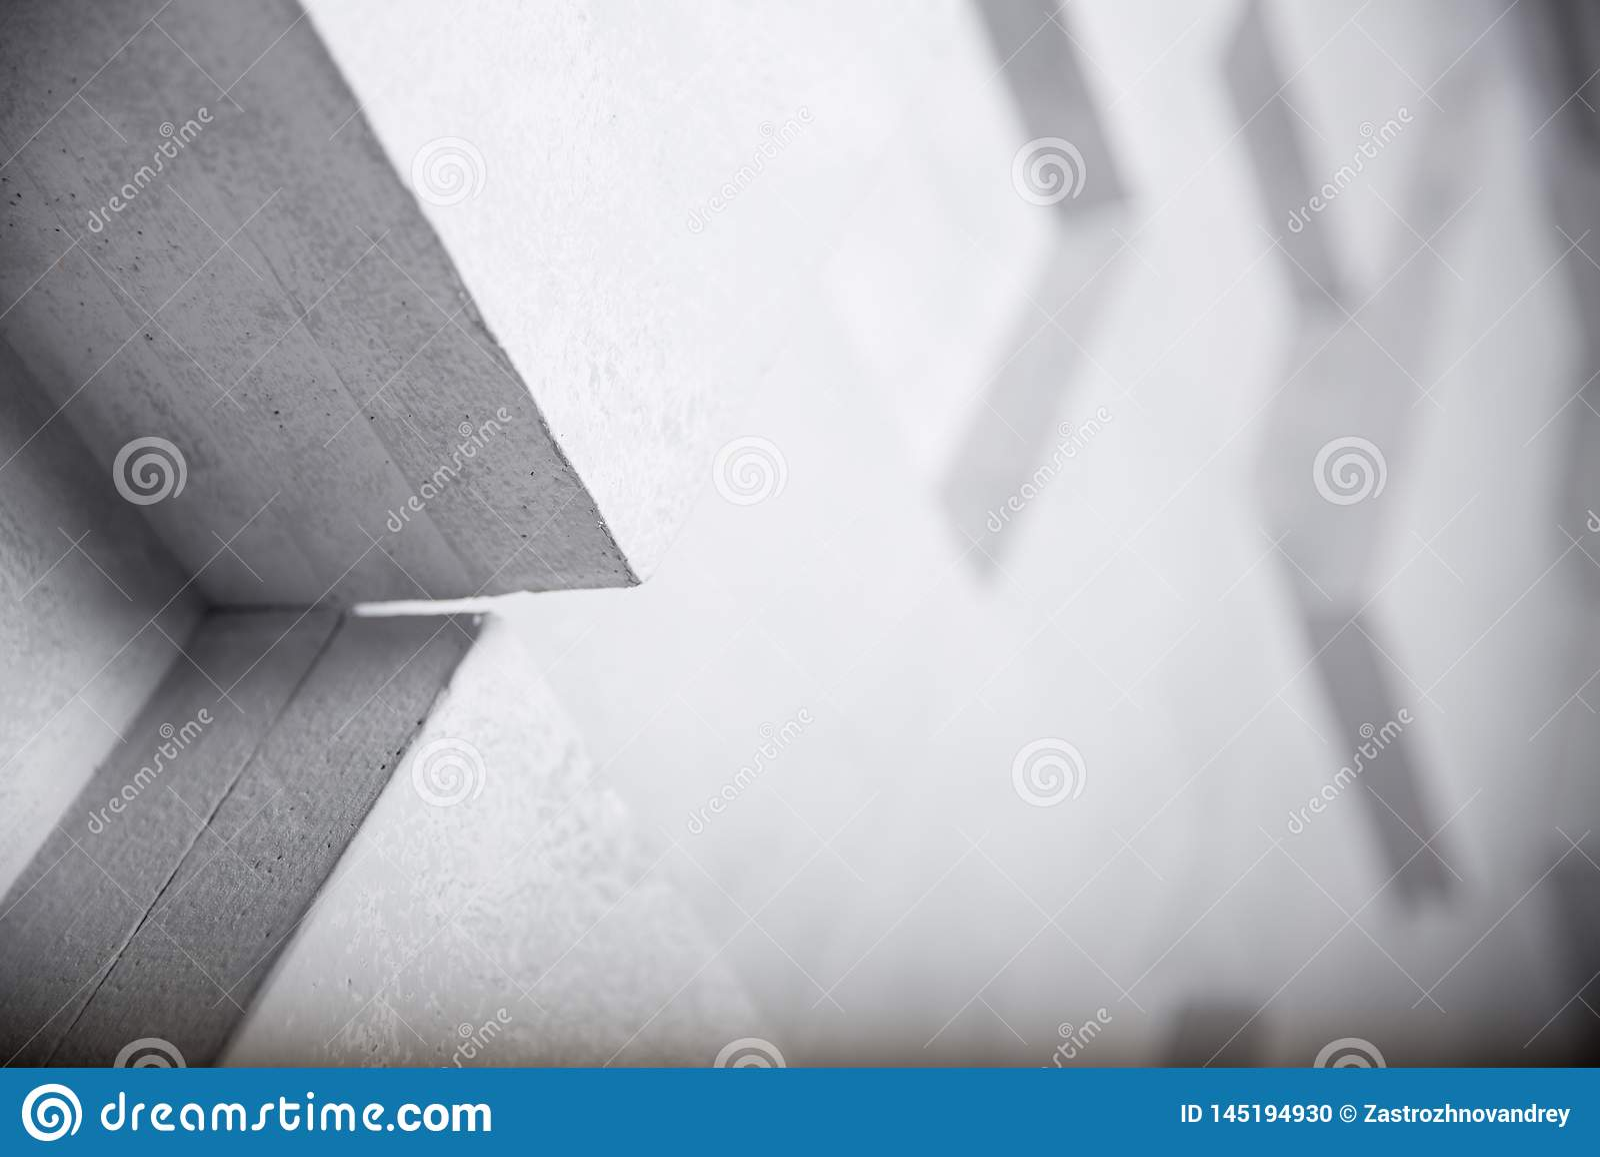 Imagen abstracta del fondo blanco de los cubos, foco selectivo